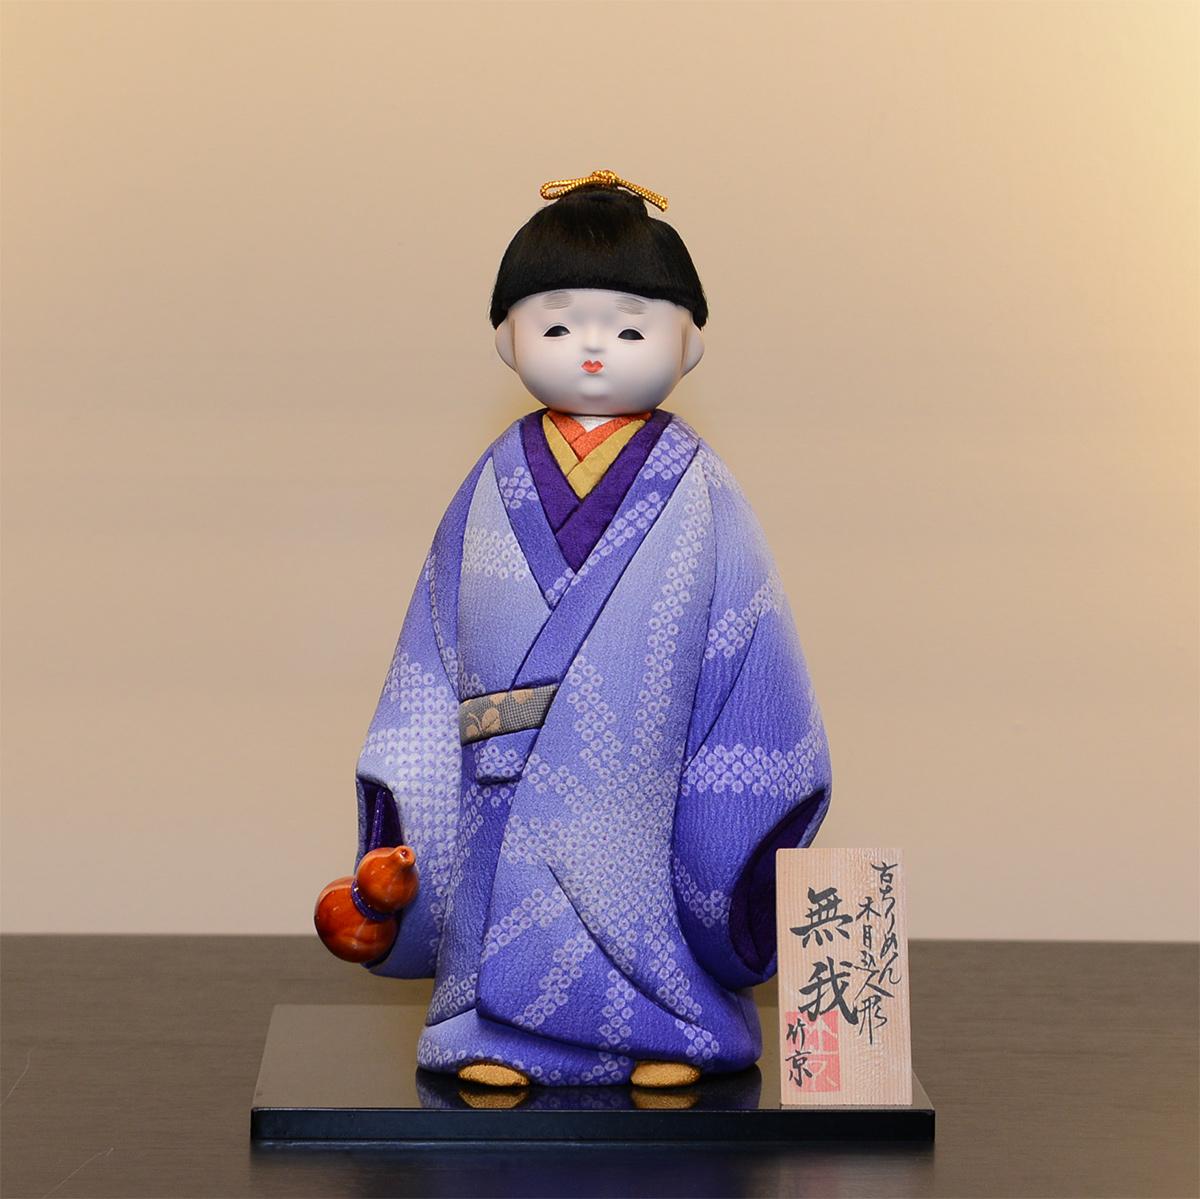 無我・木目込み人形【京都くろちく和雑貨】木目込人形【楽ギフ_のし】